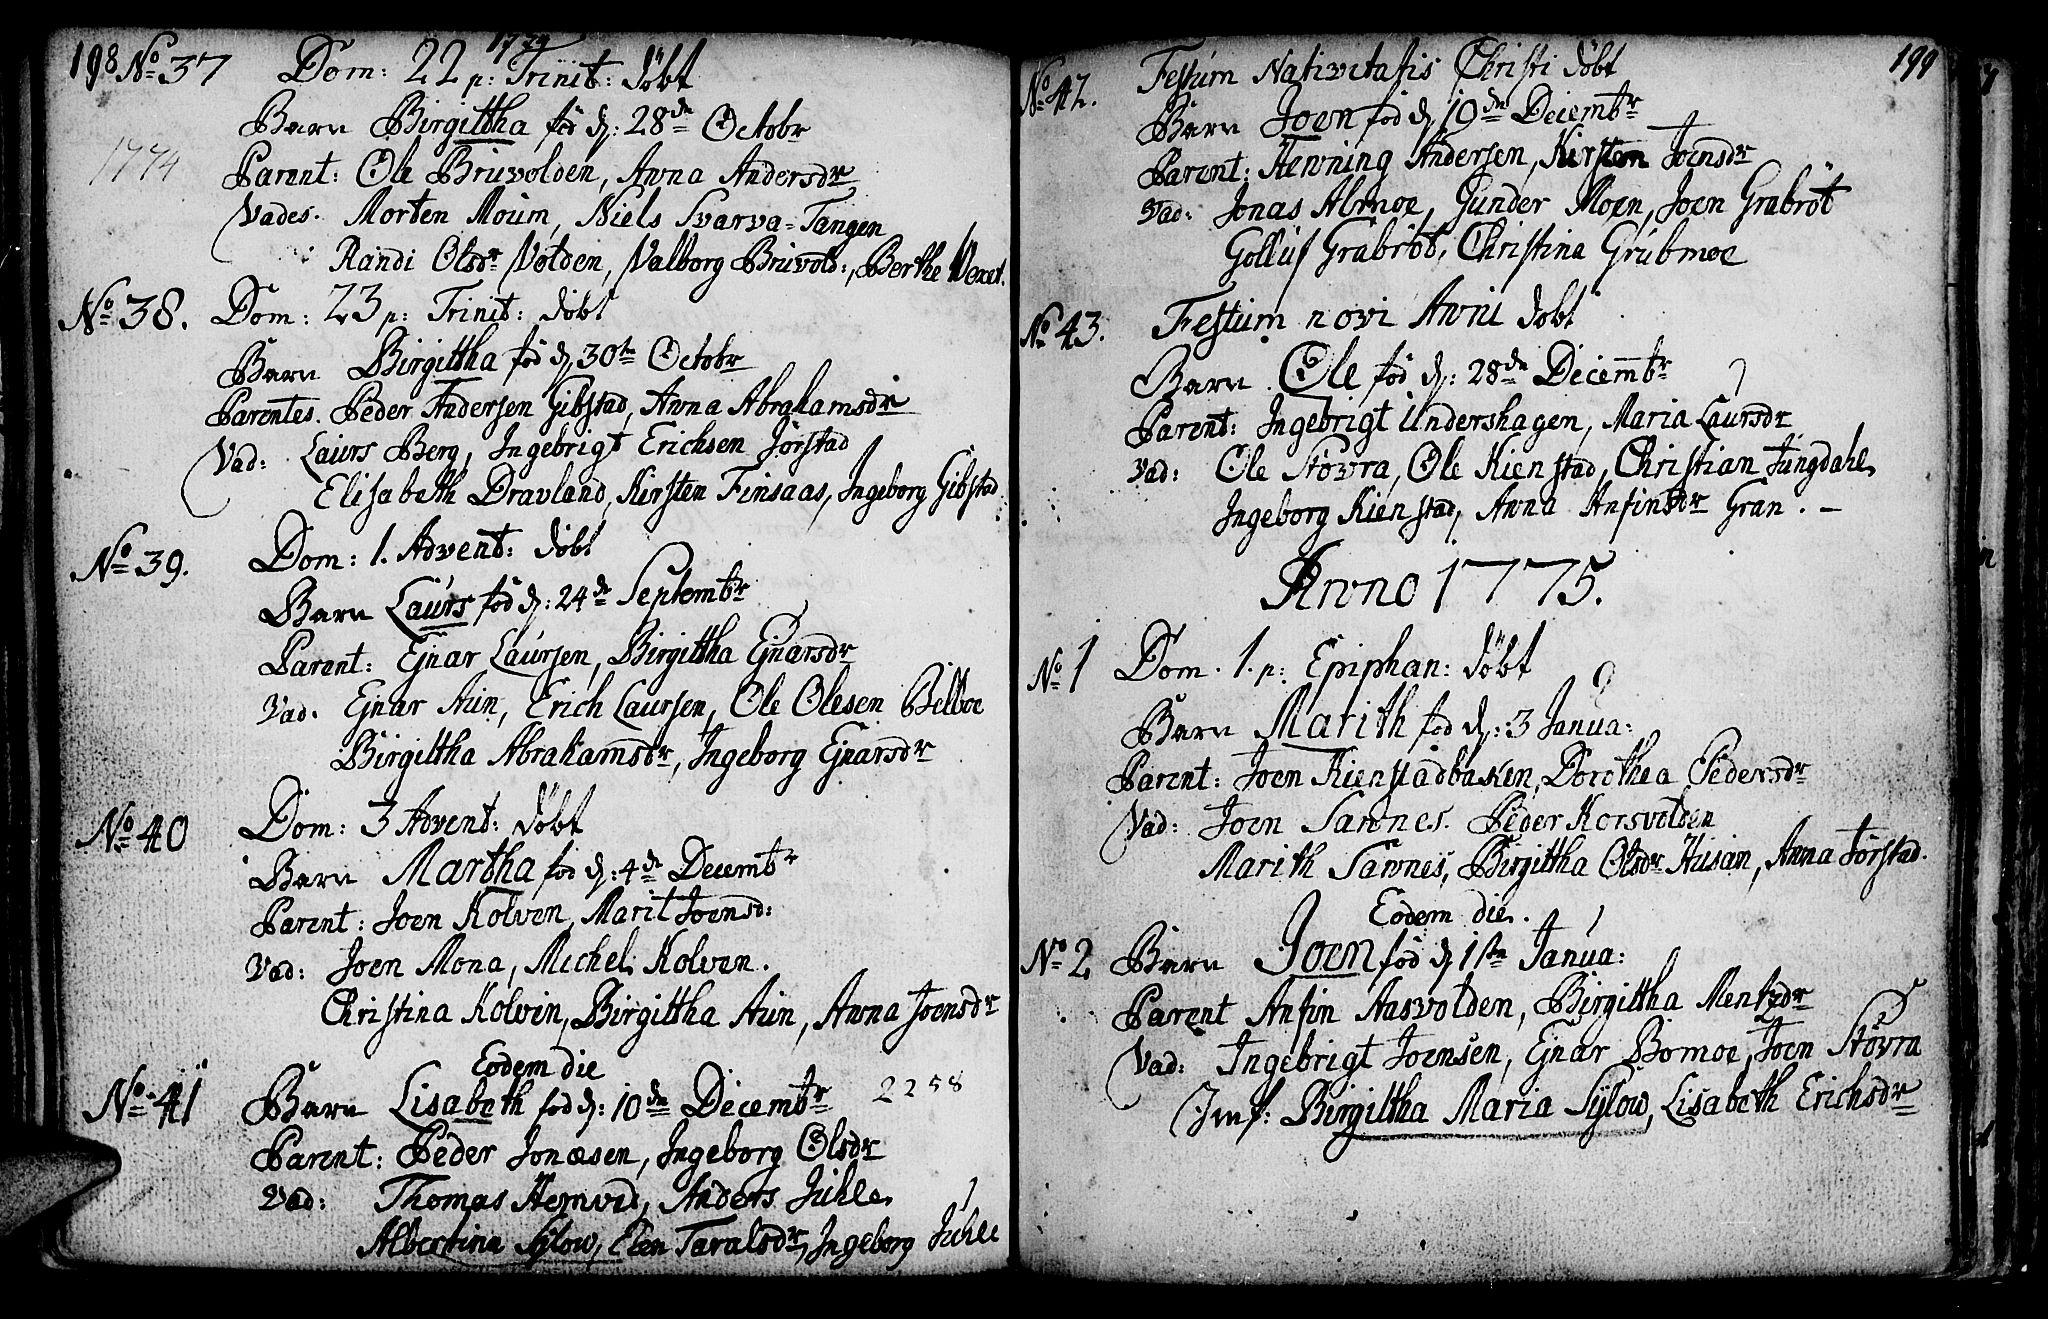 SAT, Ministerialprotokoller, klokkerbøker og fødselsregistre - Nord-Trøndelag, 749/L0467: Ministerialbok nr. 749A01, 1733-1787, s. 198-199